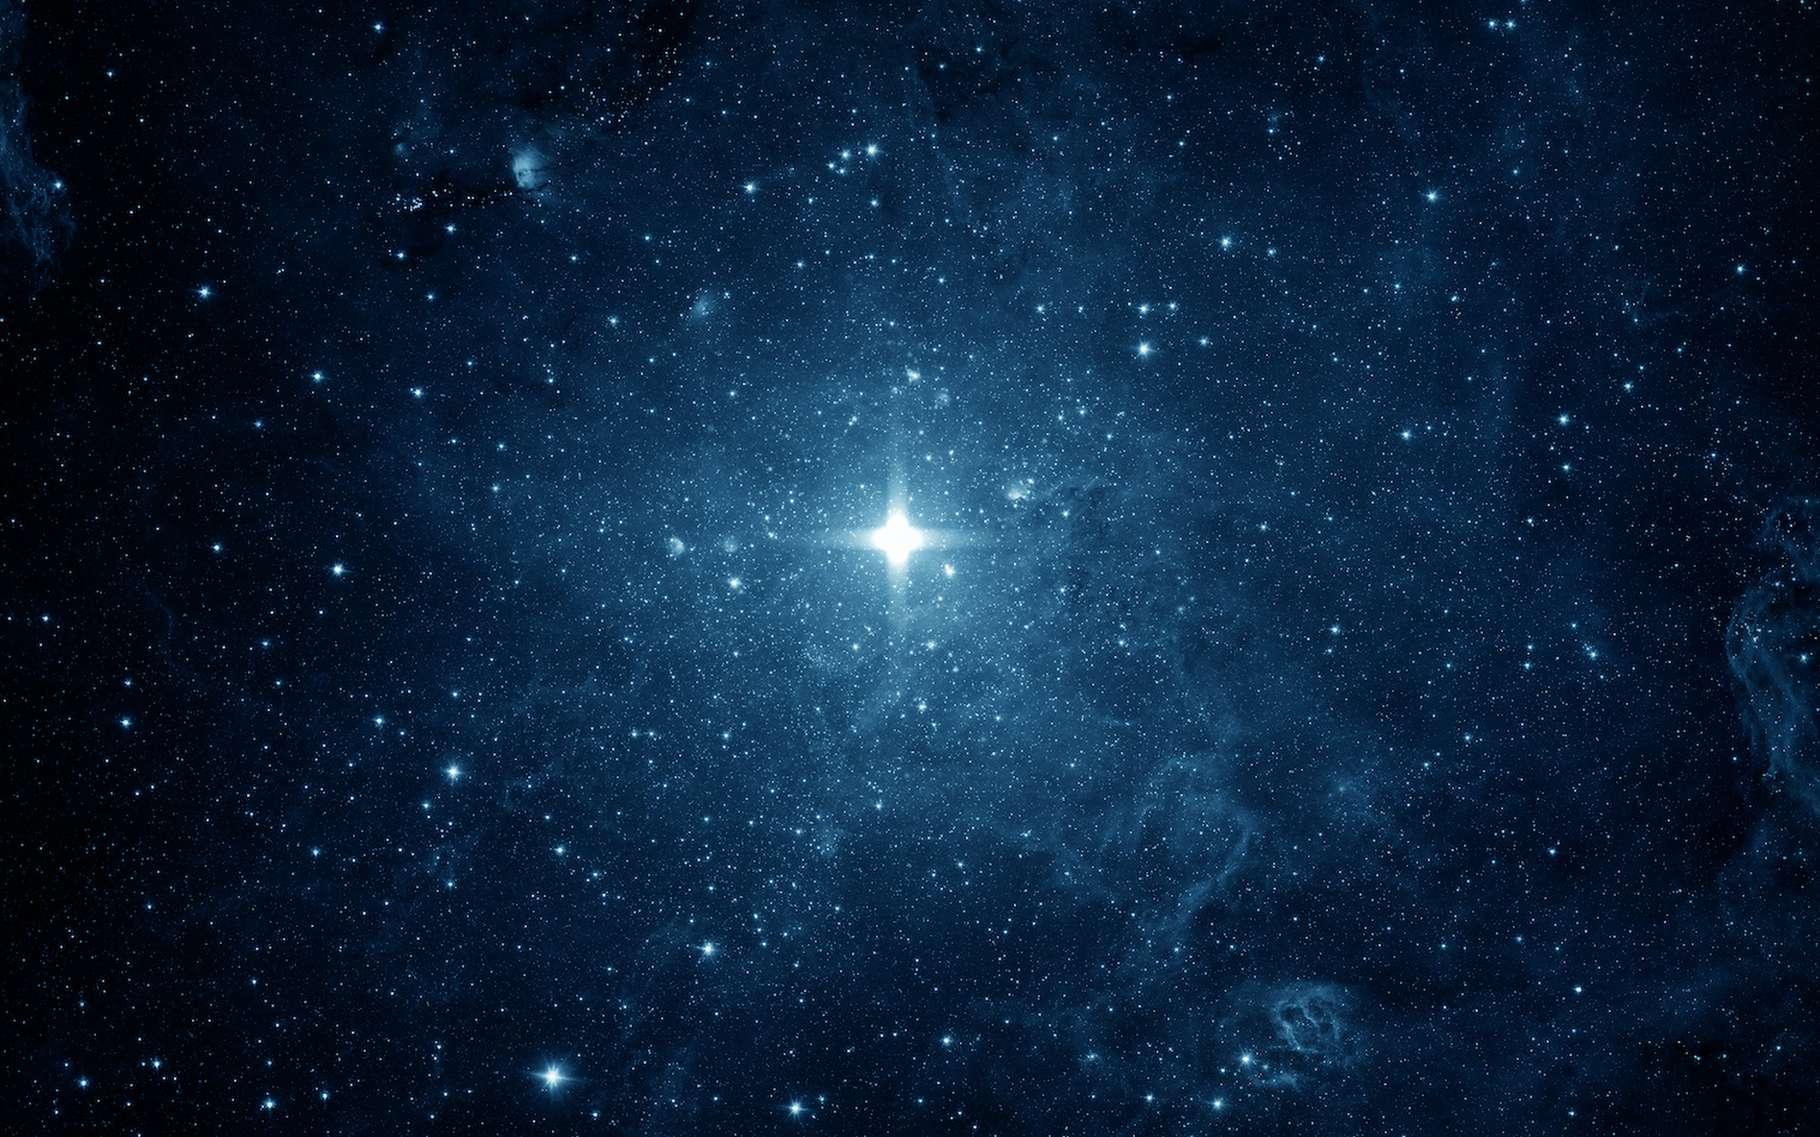 Des étoiles peuvent-elles simplement disparaître sans laisser de trace ? C'est la question que pose le projet Vanishing and Appearing Sources during a Century of Observations (Vasco). © Tryfonov, Adobe Stock